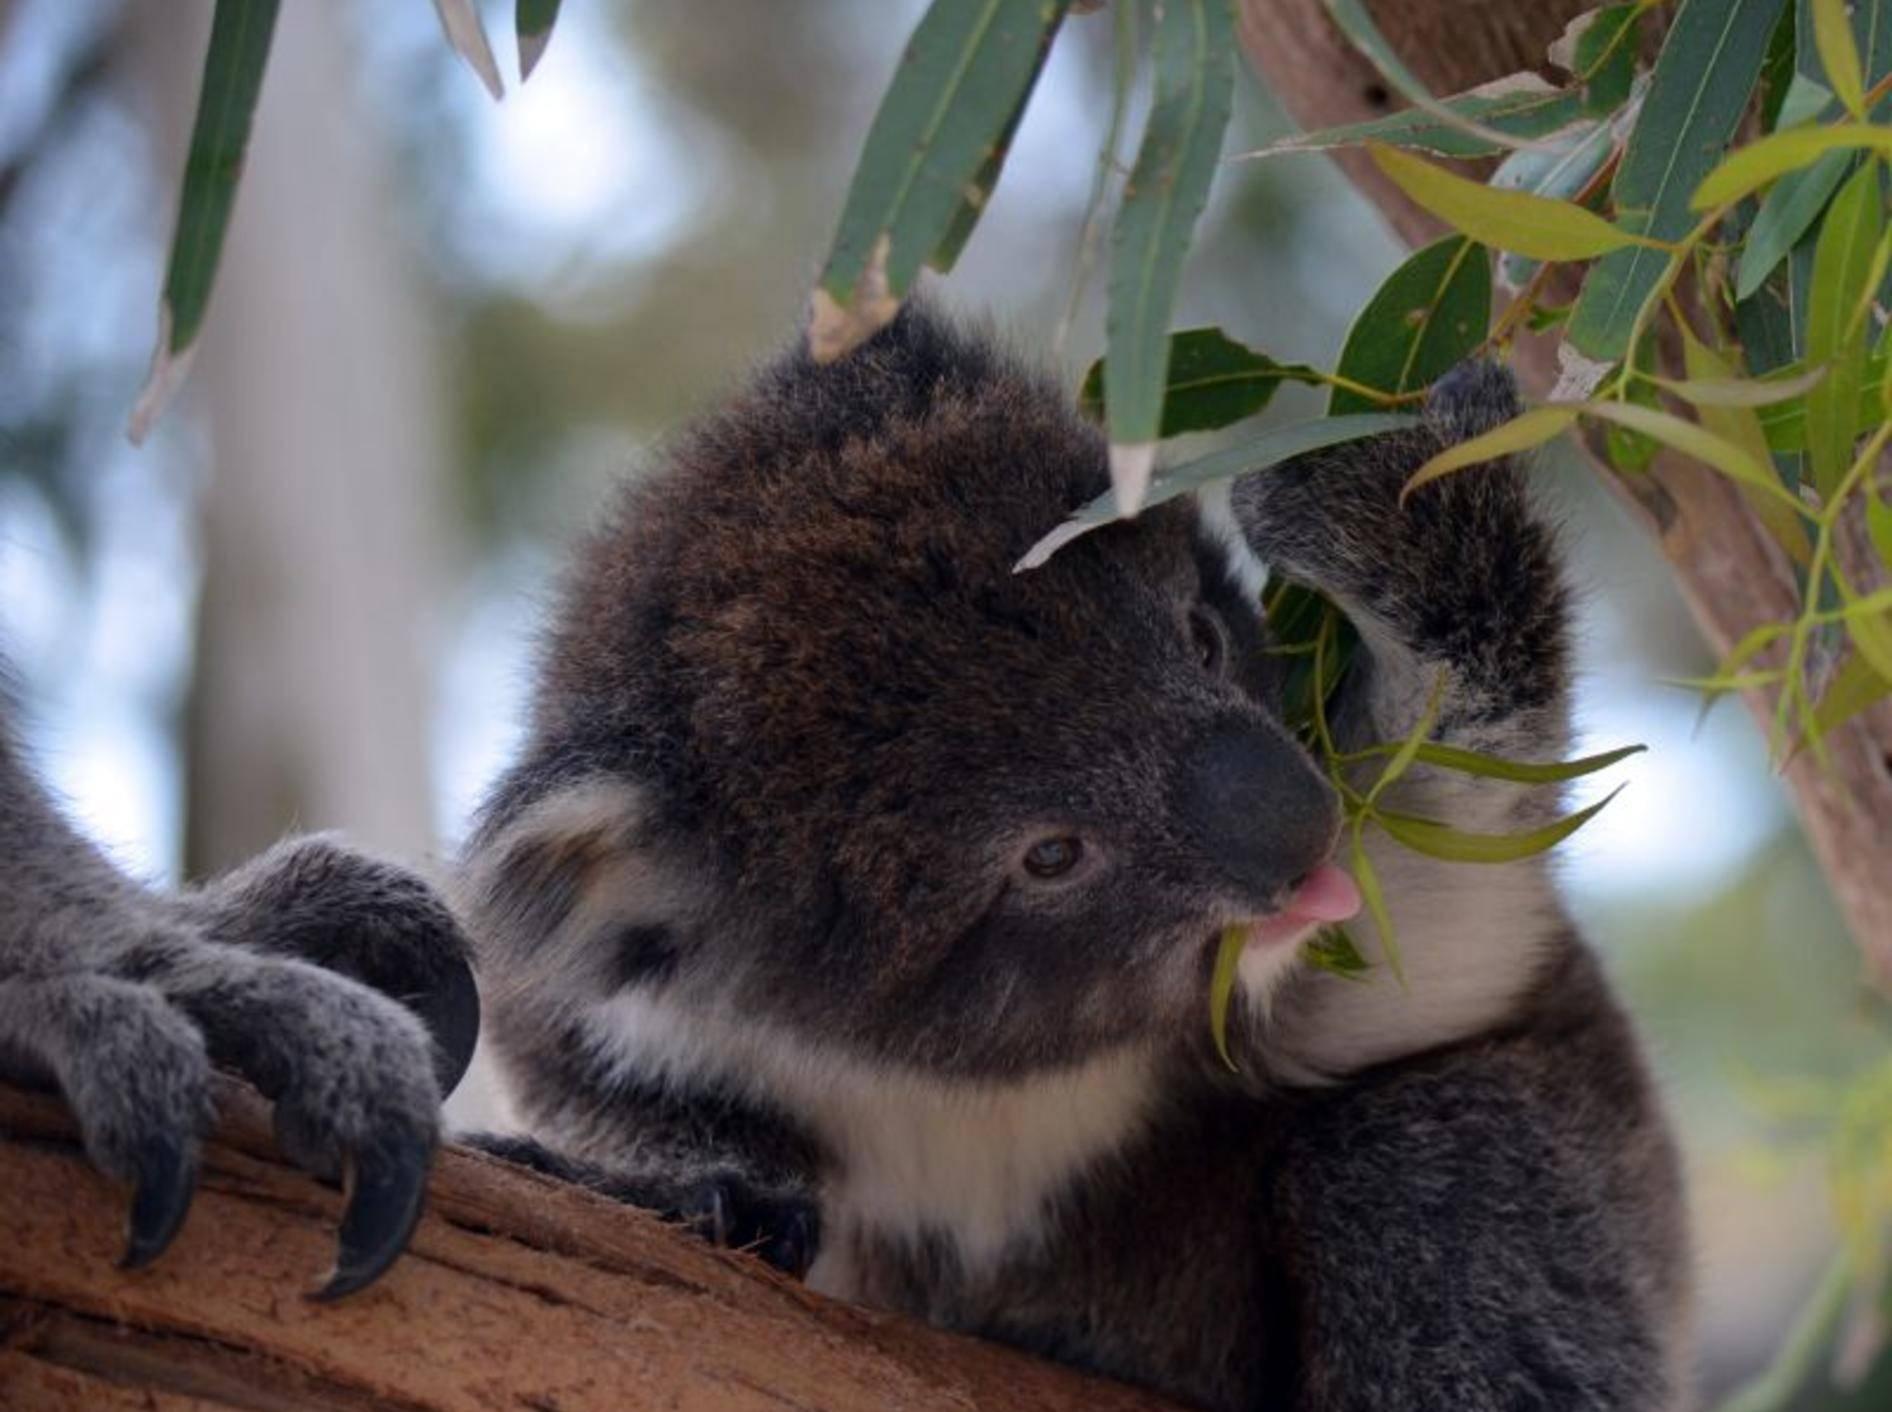 """""""Lecker Eukalyptus!"""", findet dieser kleine Koala – Bild: Shutterstock / Susan Flashman"""